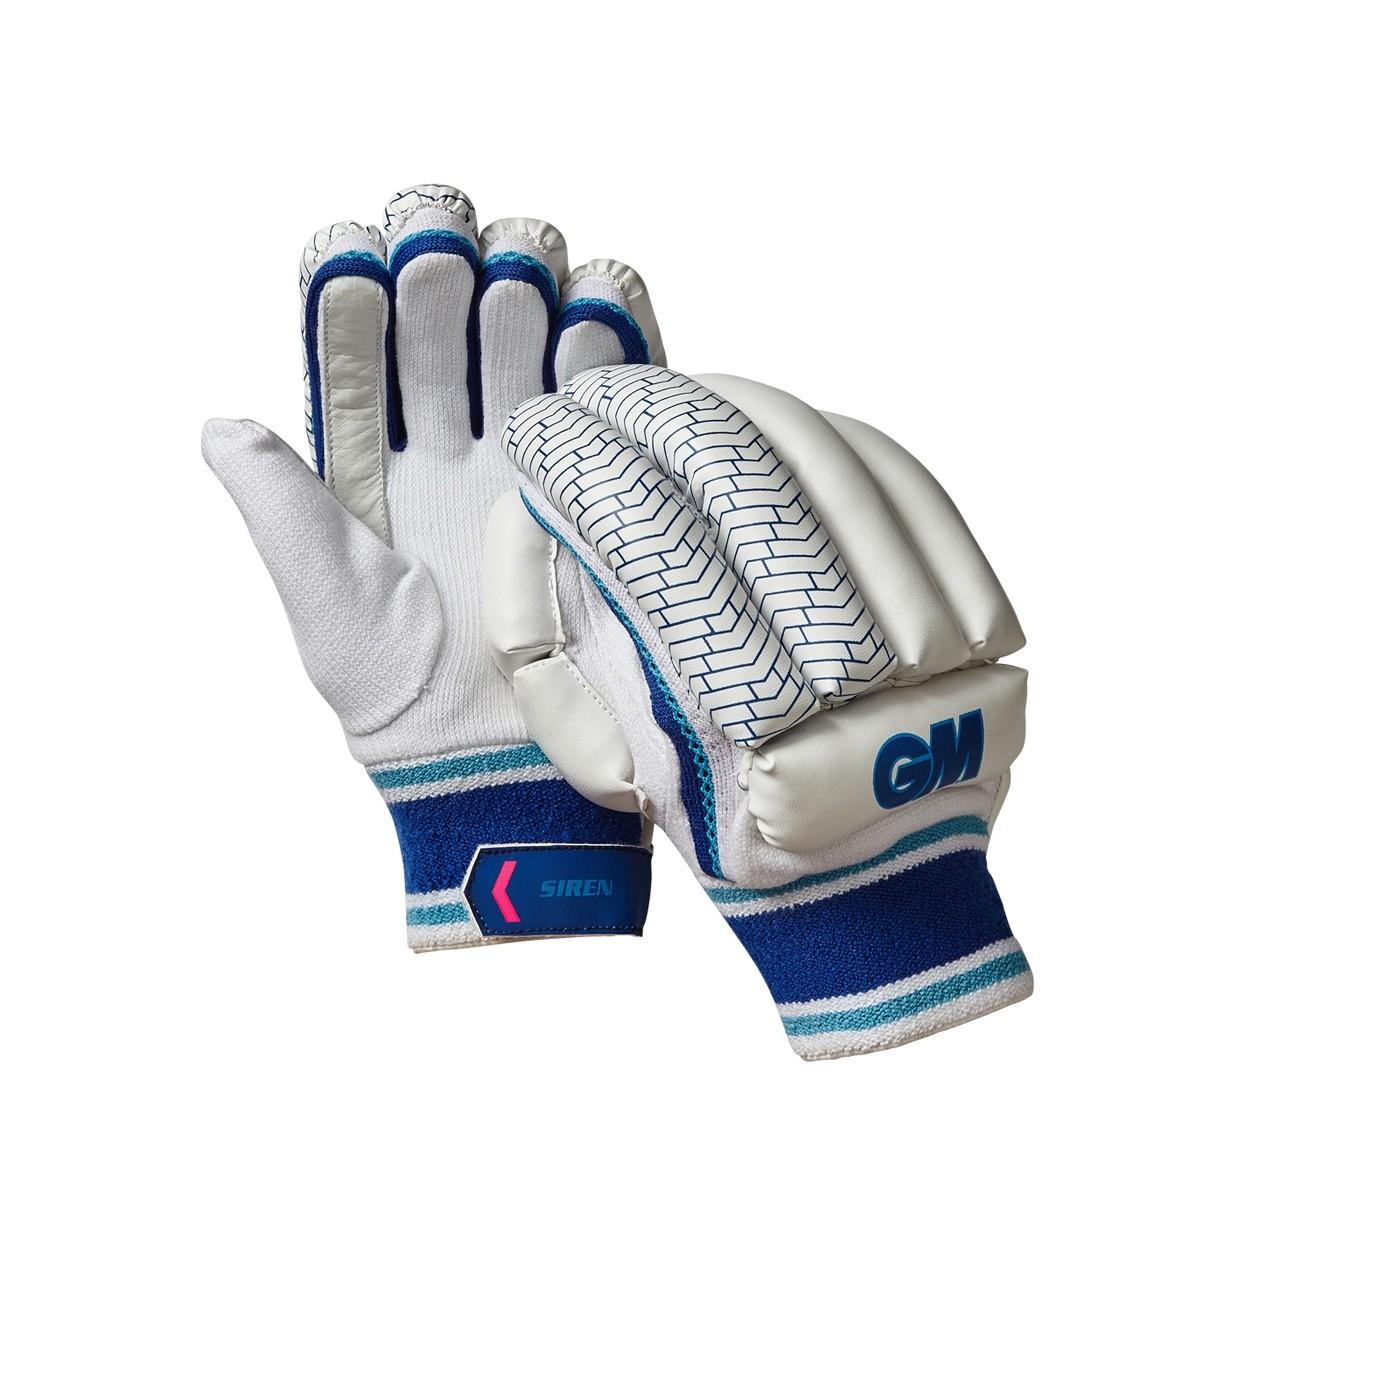 2021 Gunn and Moore Siren Batting Gloves